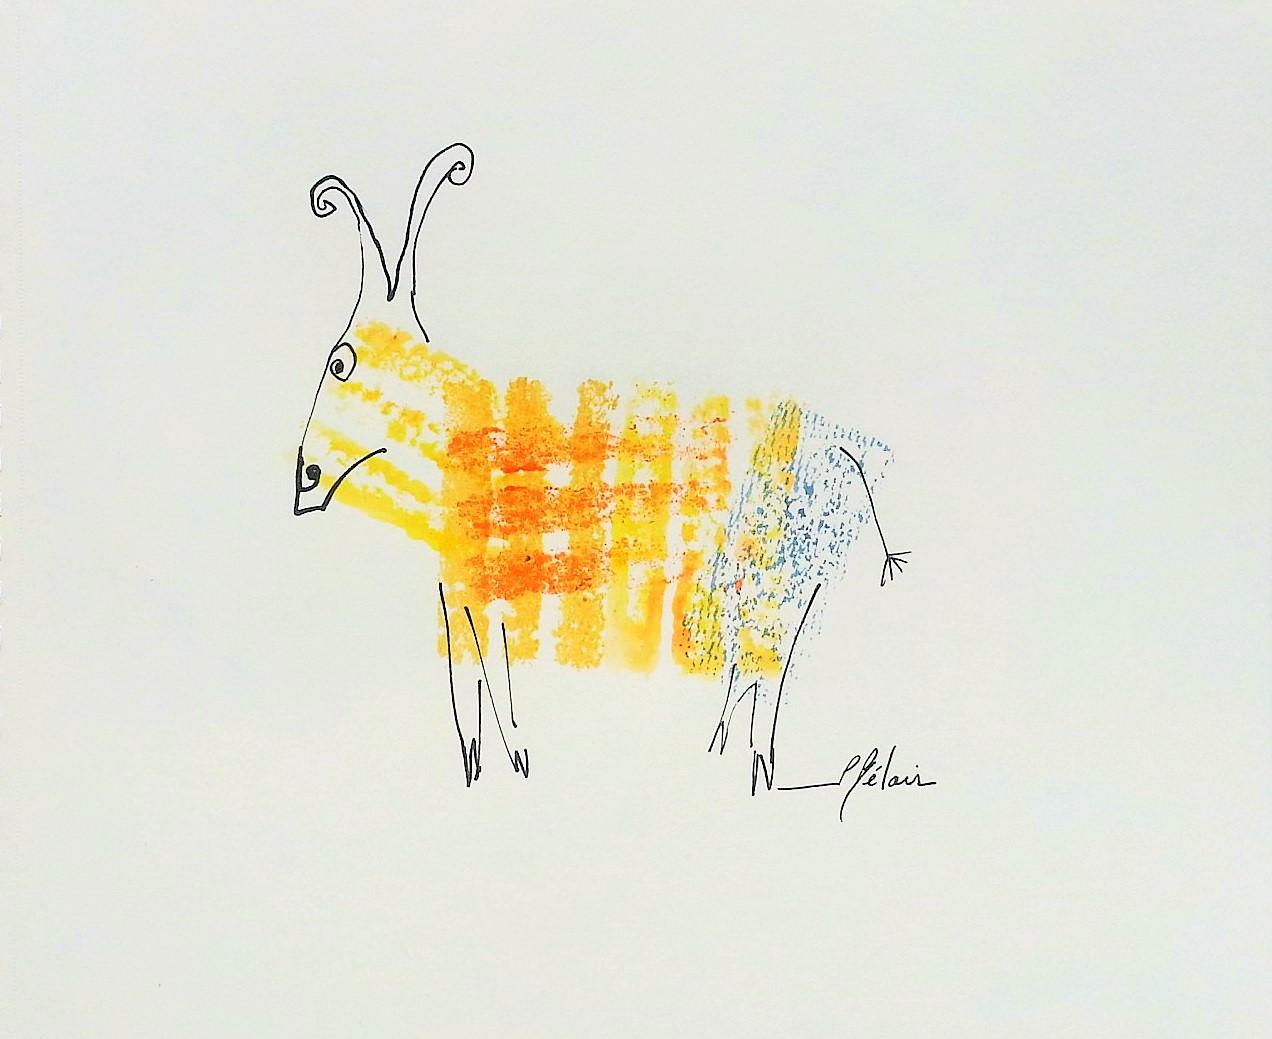 Bête # 17  -  Dessin et estampe à l acrylique sur papier Strathmore